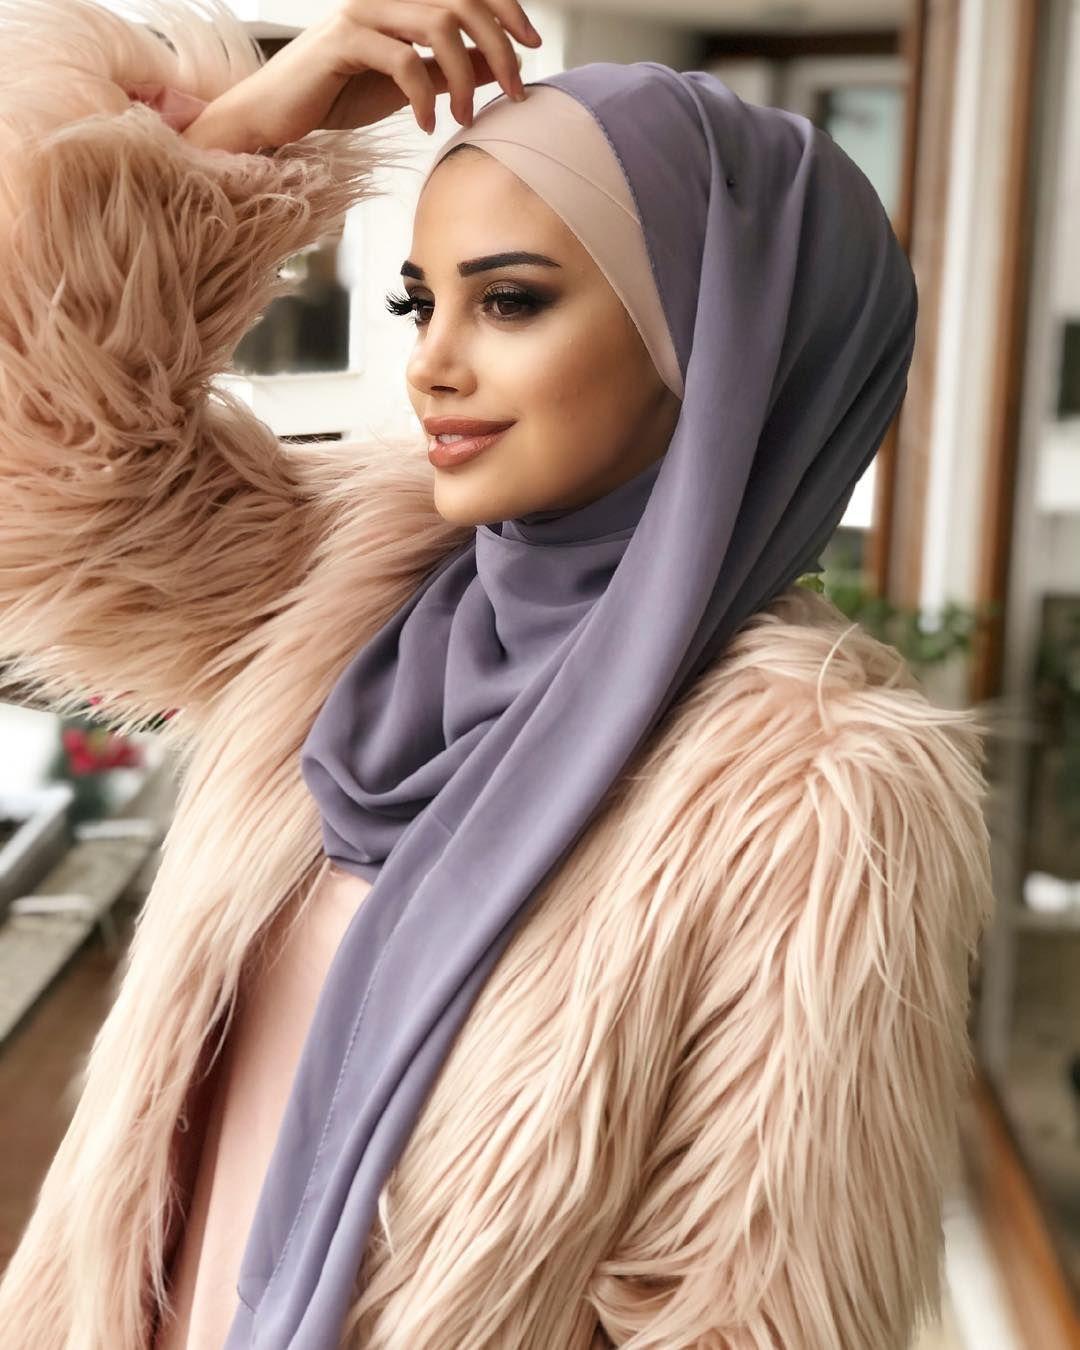 Pudra Bandana Ve Gri Sifon Sal Uyumu Sedayaman Tesettur Ferace Elbise Modelleri 2019 Sal Elbise Modelleri Bandanalar